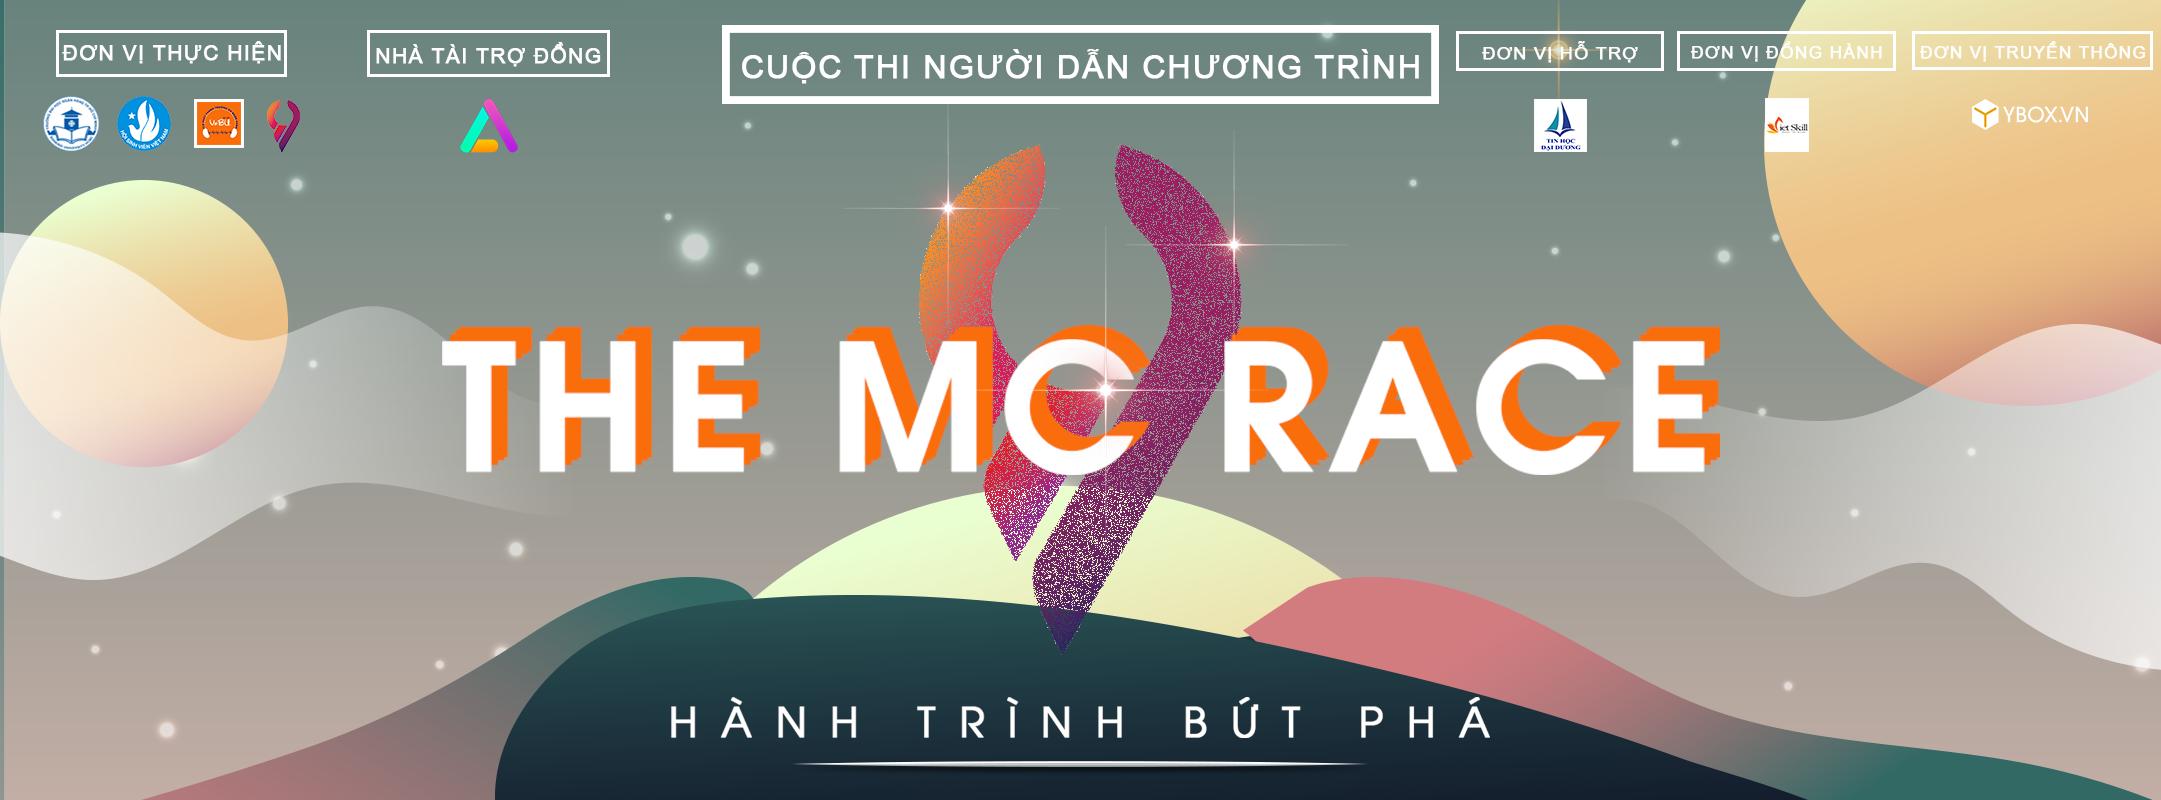 [HCM] Vòng Bức Phá Cuộc Thi THE MC RACE 2019